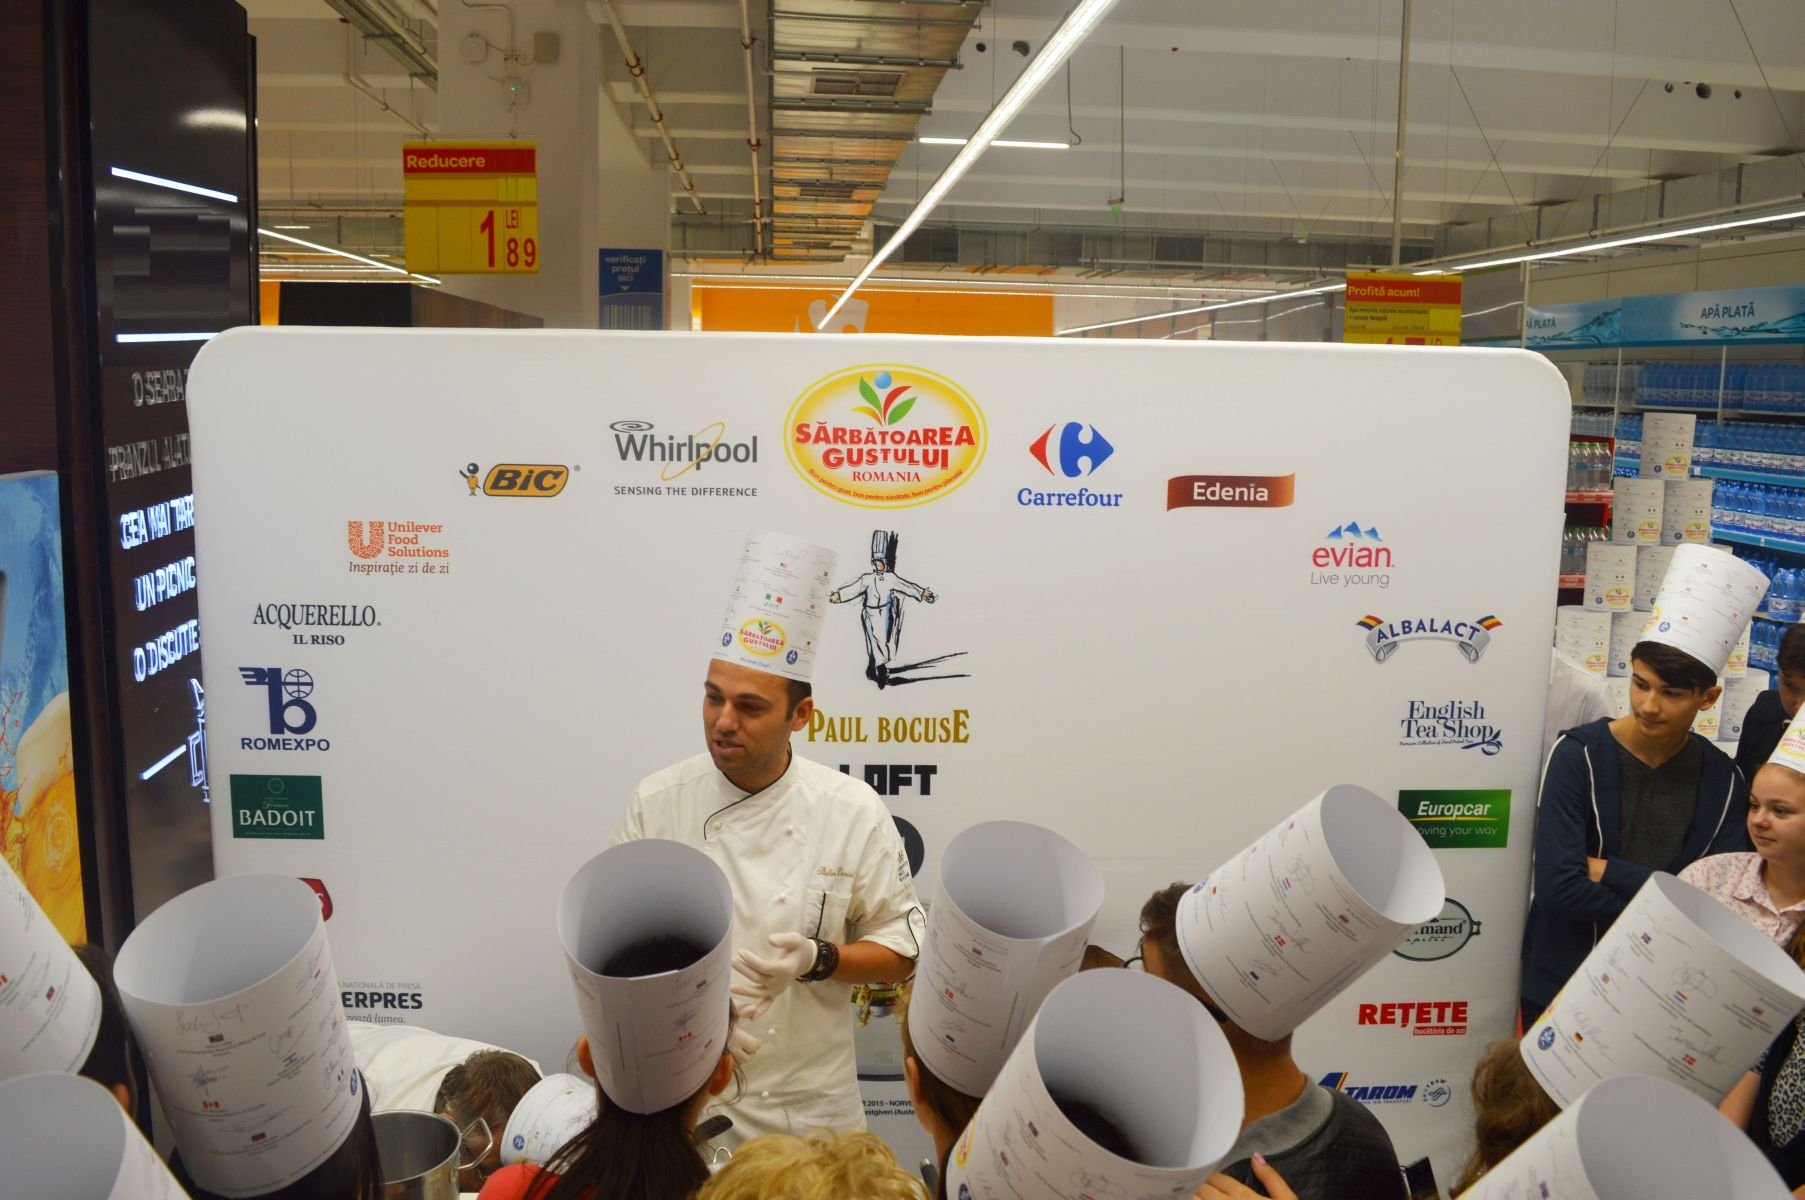 Atelier_Culinar_Sarbatoarea_Gustului_Carrefour_MegaMall_Atelier_Educational_14